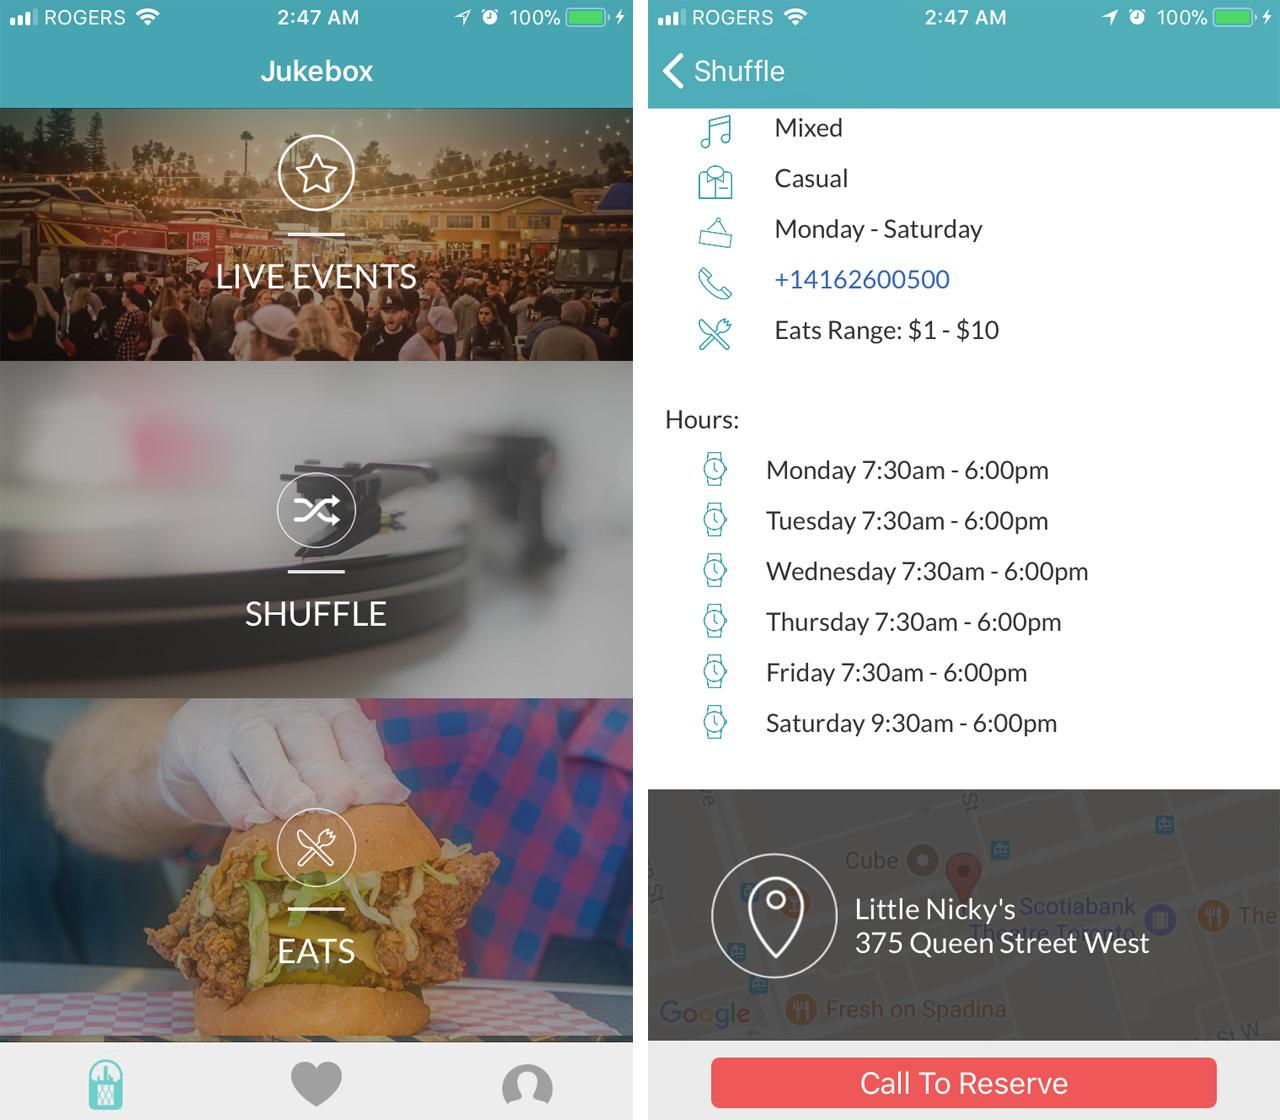 The Jukebox App menu page